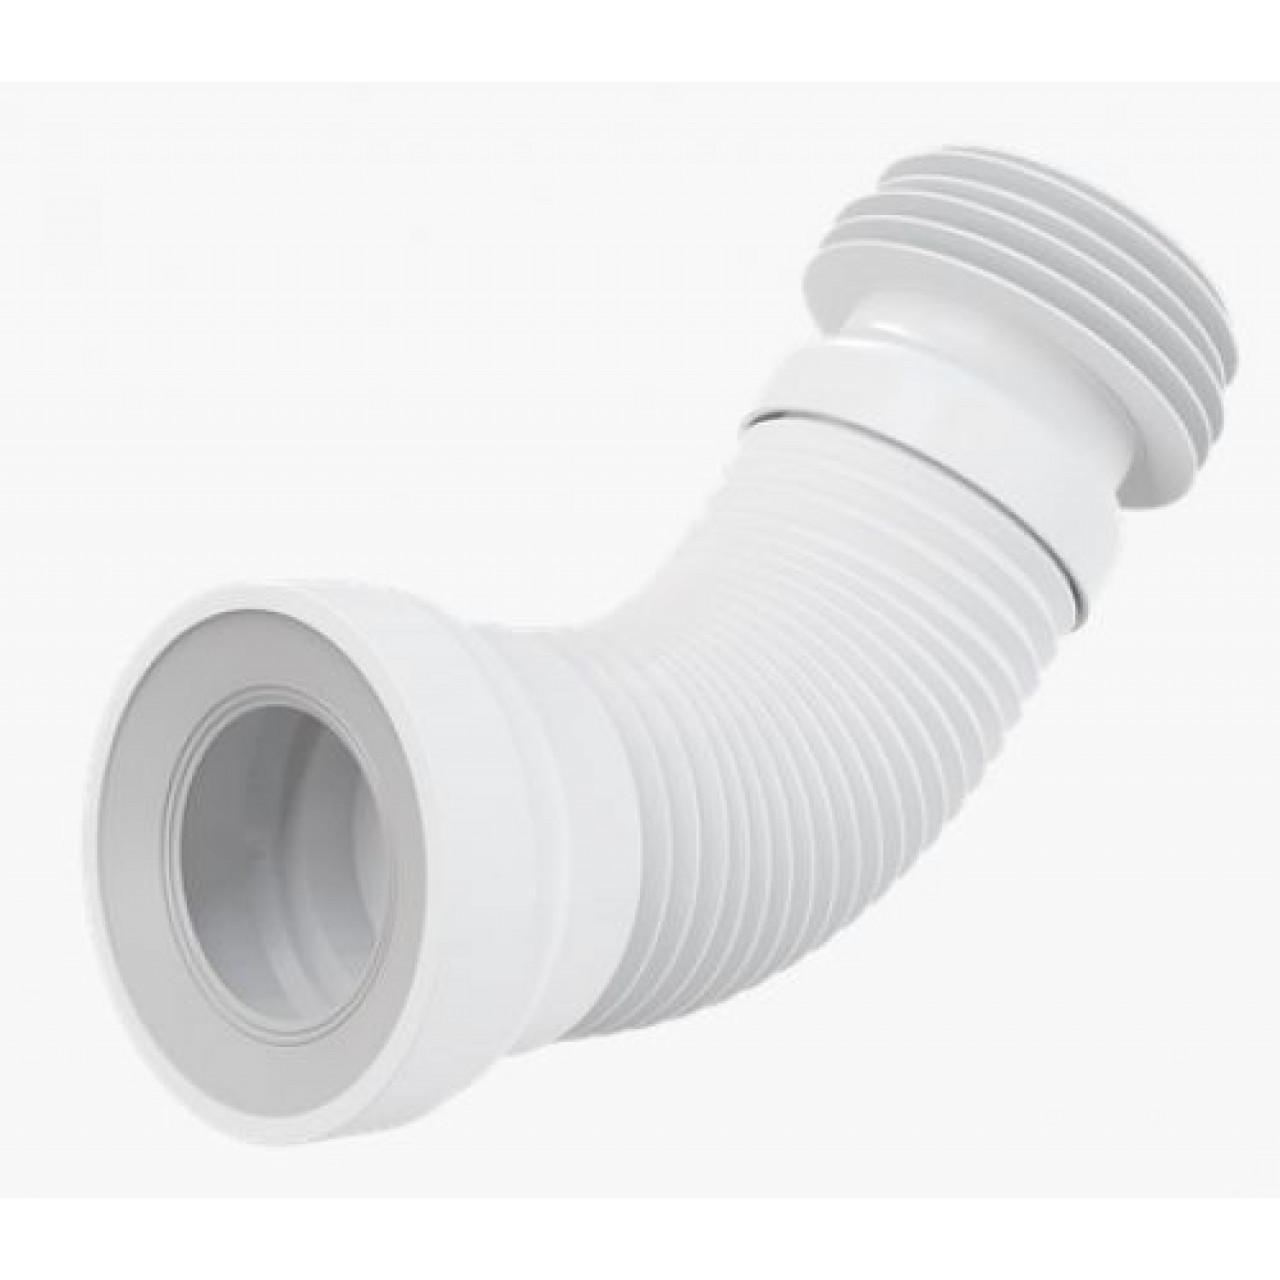 Гофра для унитаза Alca Plast А97 купить в Москве по цене от 314р. в интернет-магазине mebel-v-vannu.ru